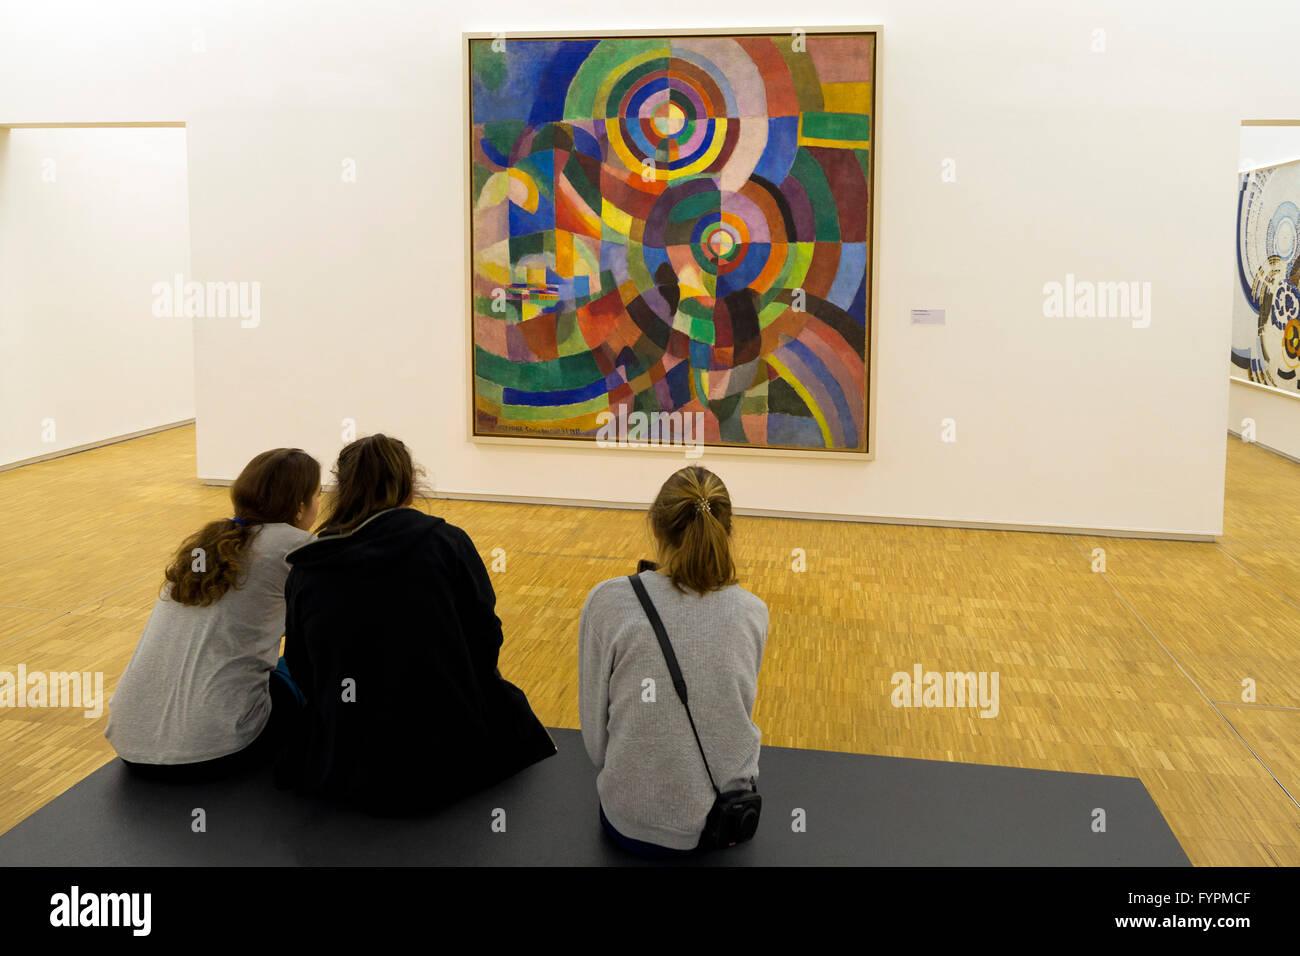 Les jeunes filles, prismes prismes électriques étude electriques, par Sonia Delauney 1914, Centre Pompidou, Photo Stock